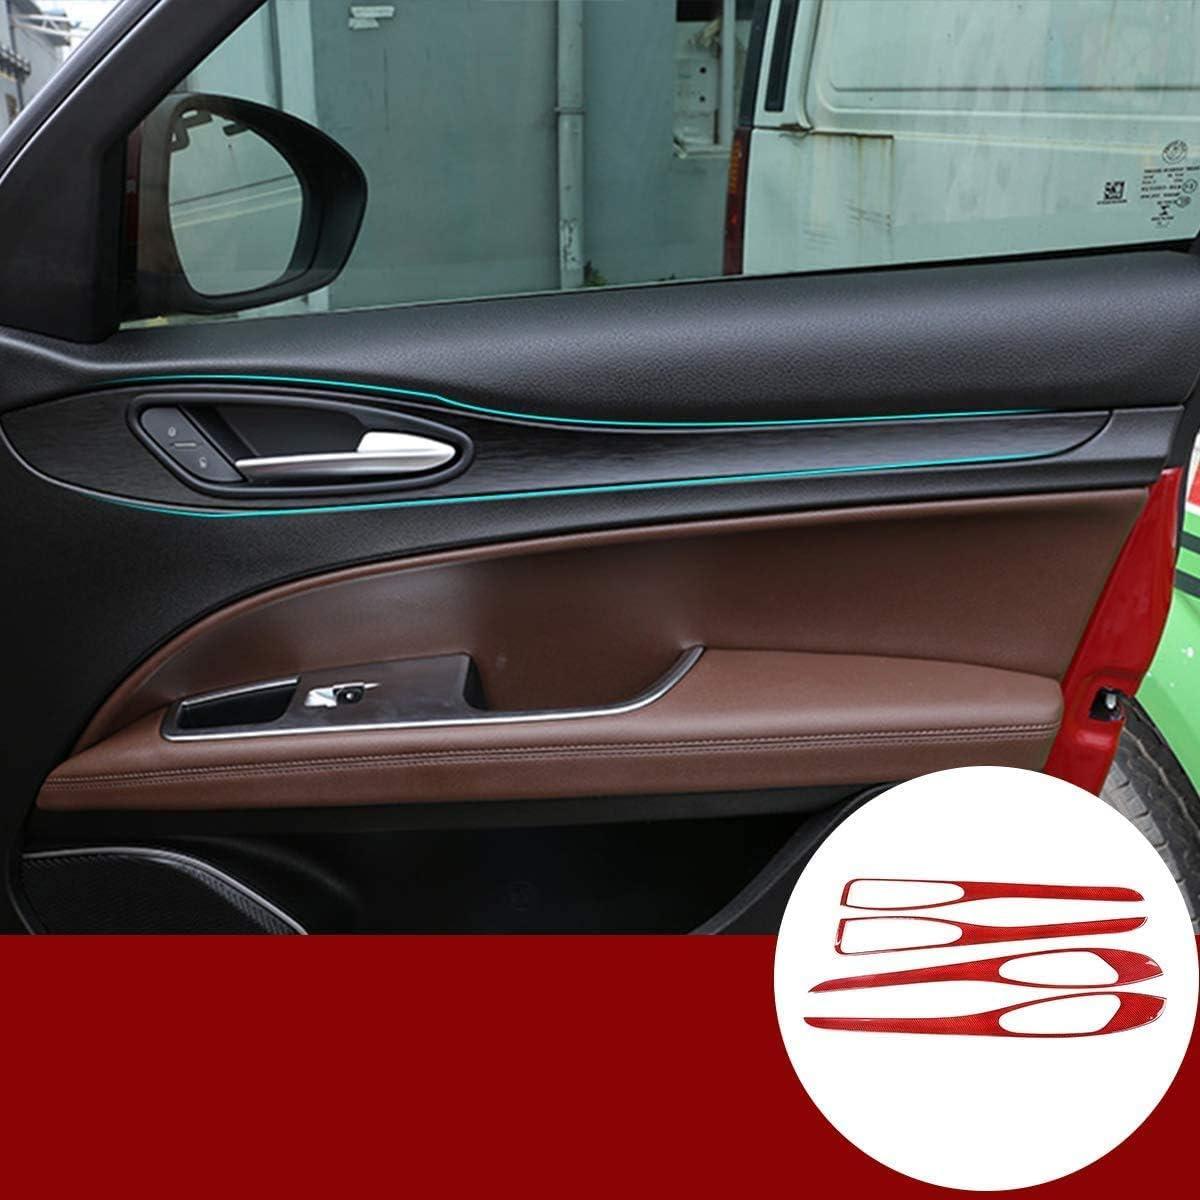 カーアクセサリー炭素繊維の赤いドアインテリアハンドル装飾パネルに適していますアルファロメオステルヴィオ2017-2019 BONGZUO